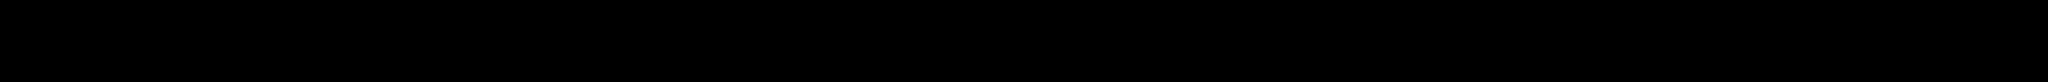 MANN-FILTER 4920158, 1103827, 4-9540000111, 76-11900535100, 76-12915035151 Маслен филтър